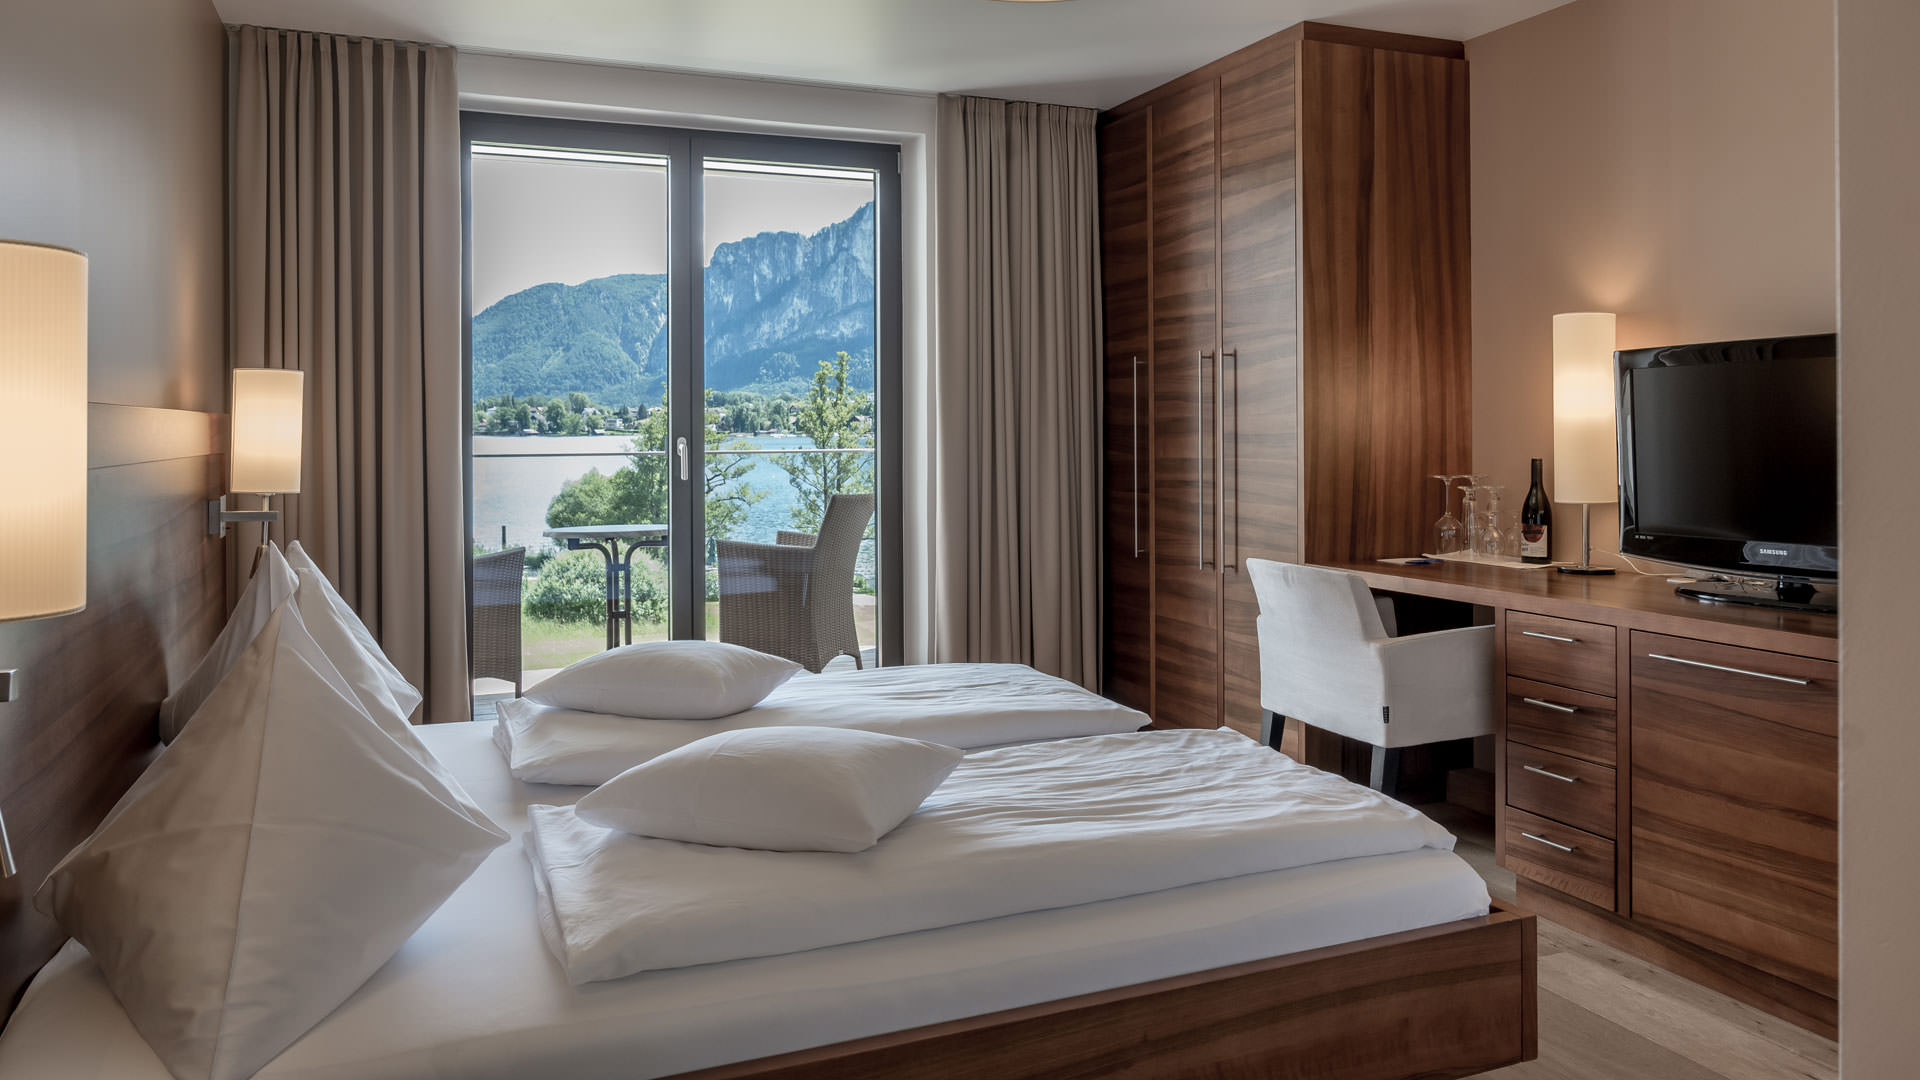 Double room Mondsee